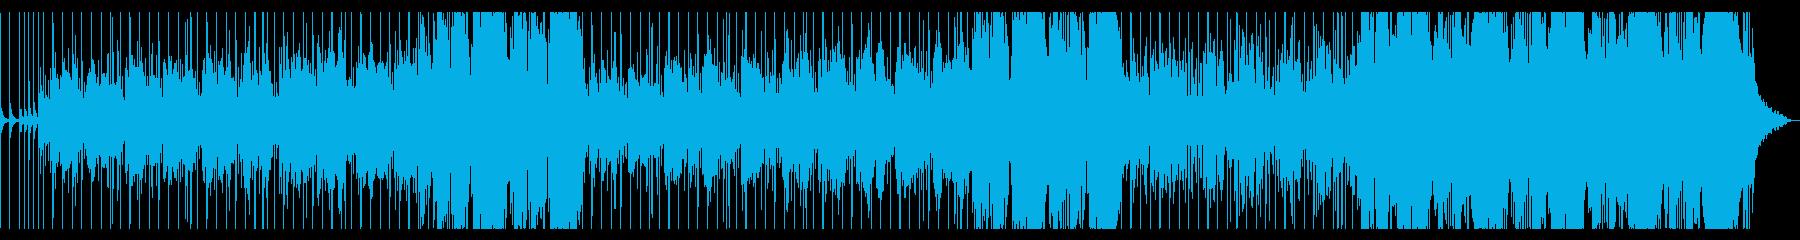 スティールドラムが印象的な夏のレゲエの再生済みの波形